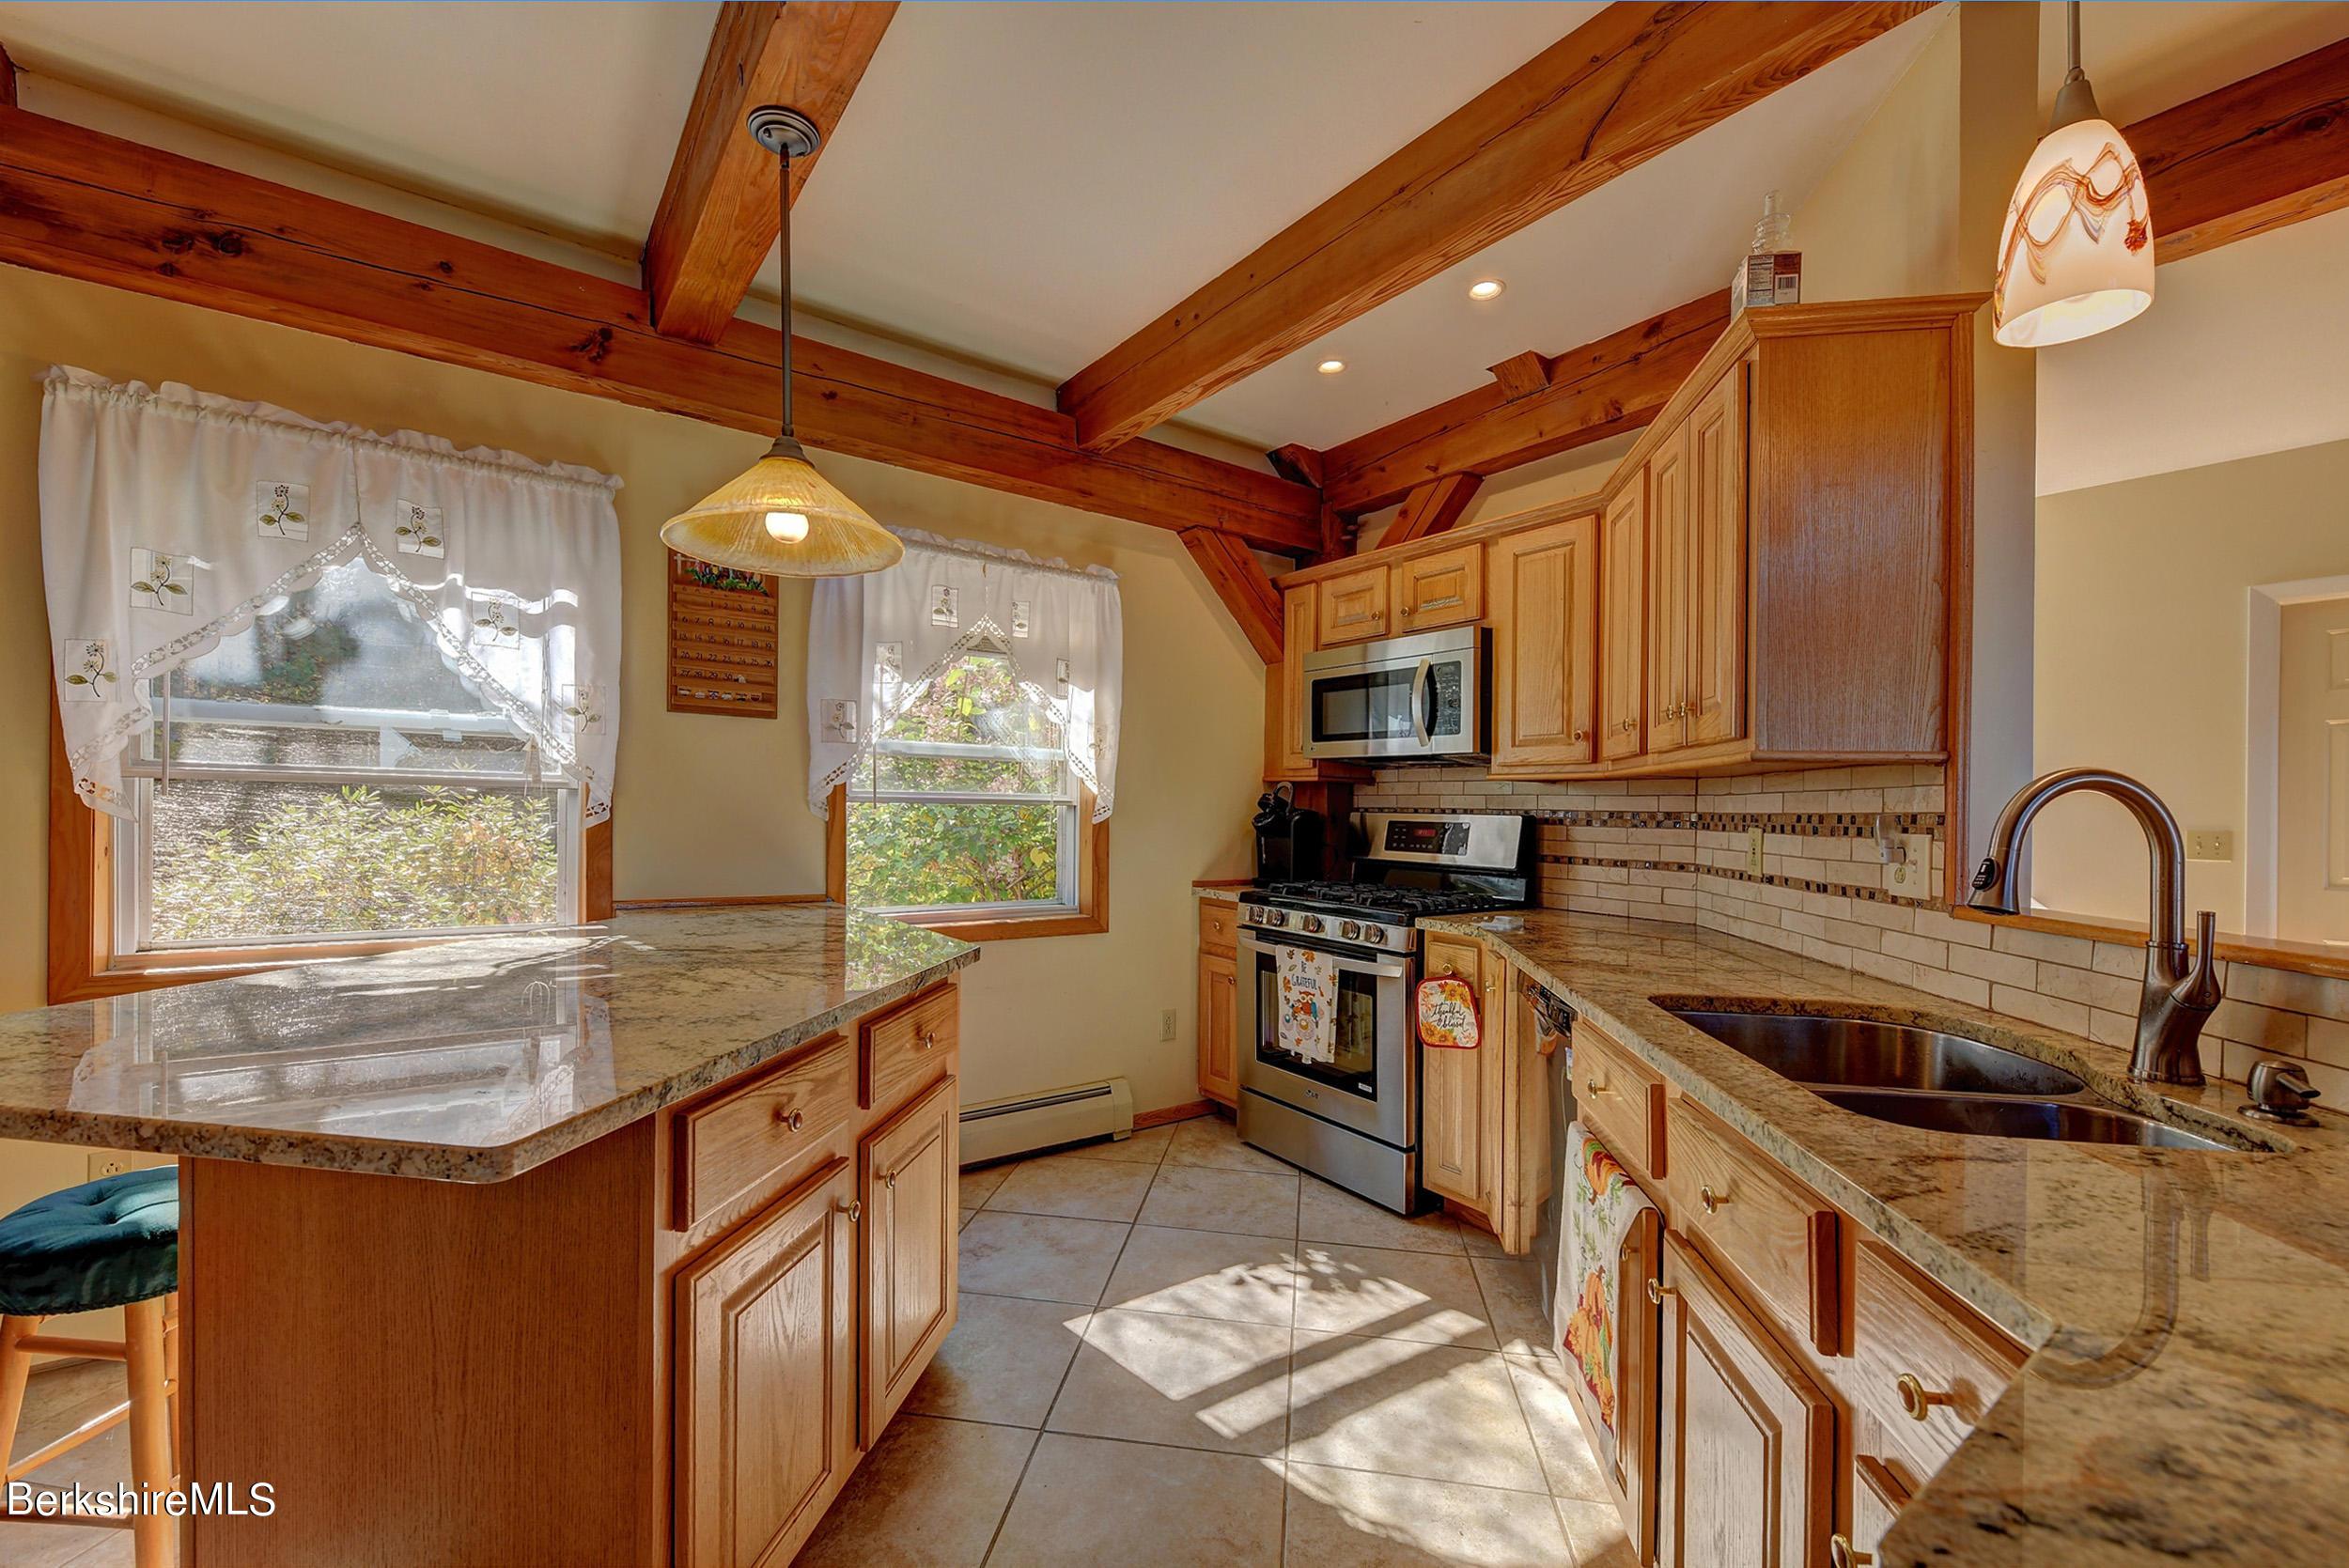 224 Kitchen